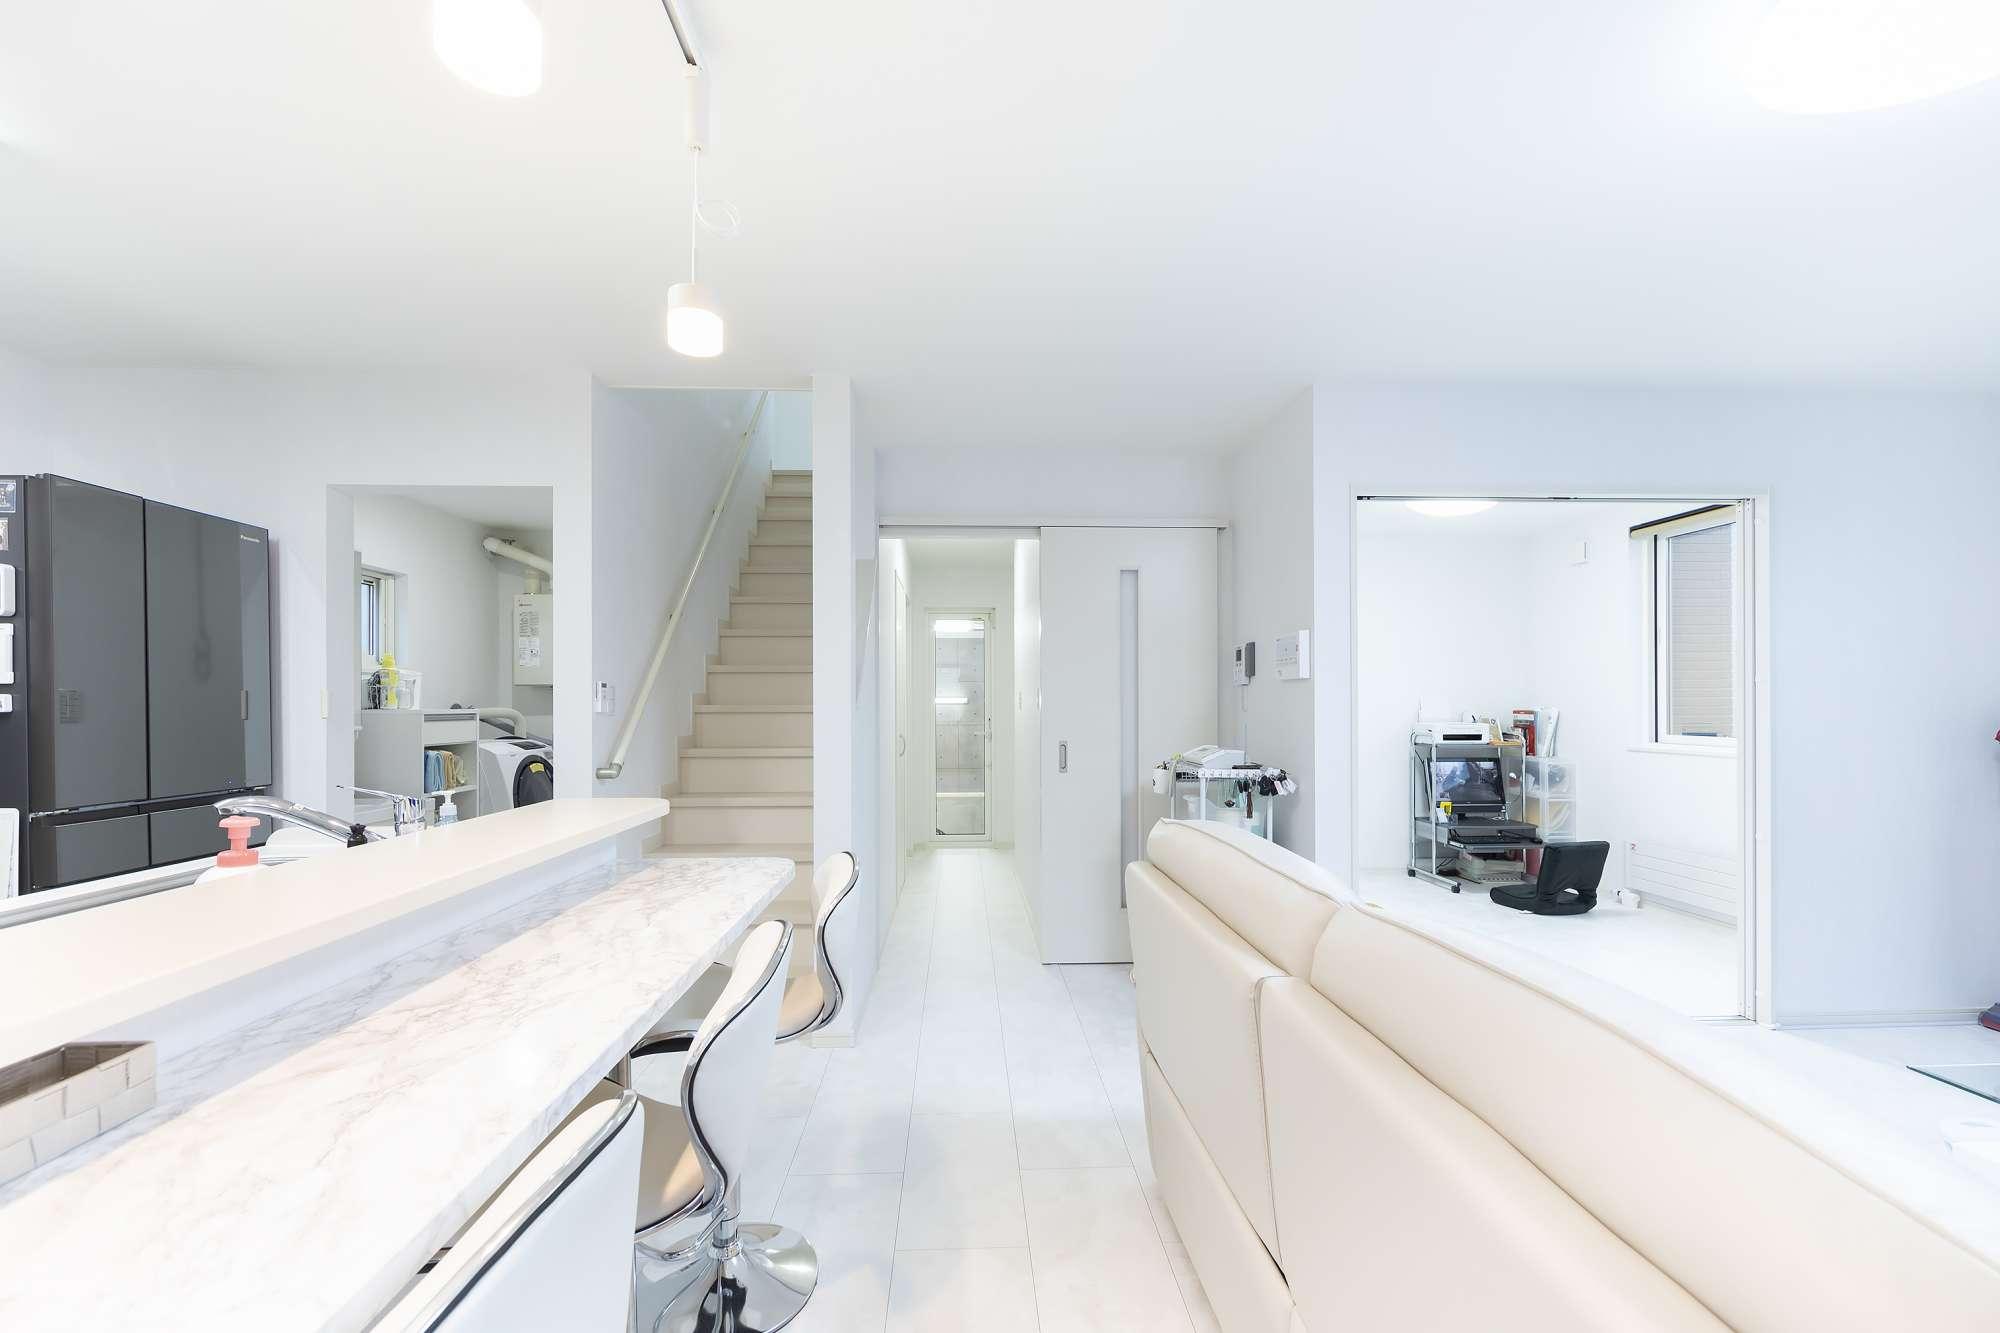 リビング - 室内は白で統一して、シンプルモダンのデザインに。ダイニングはキッチンと一体にしたカウンター式です -  -